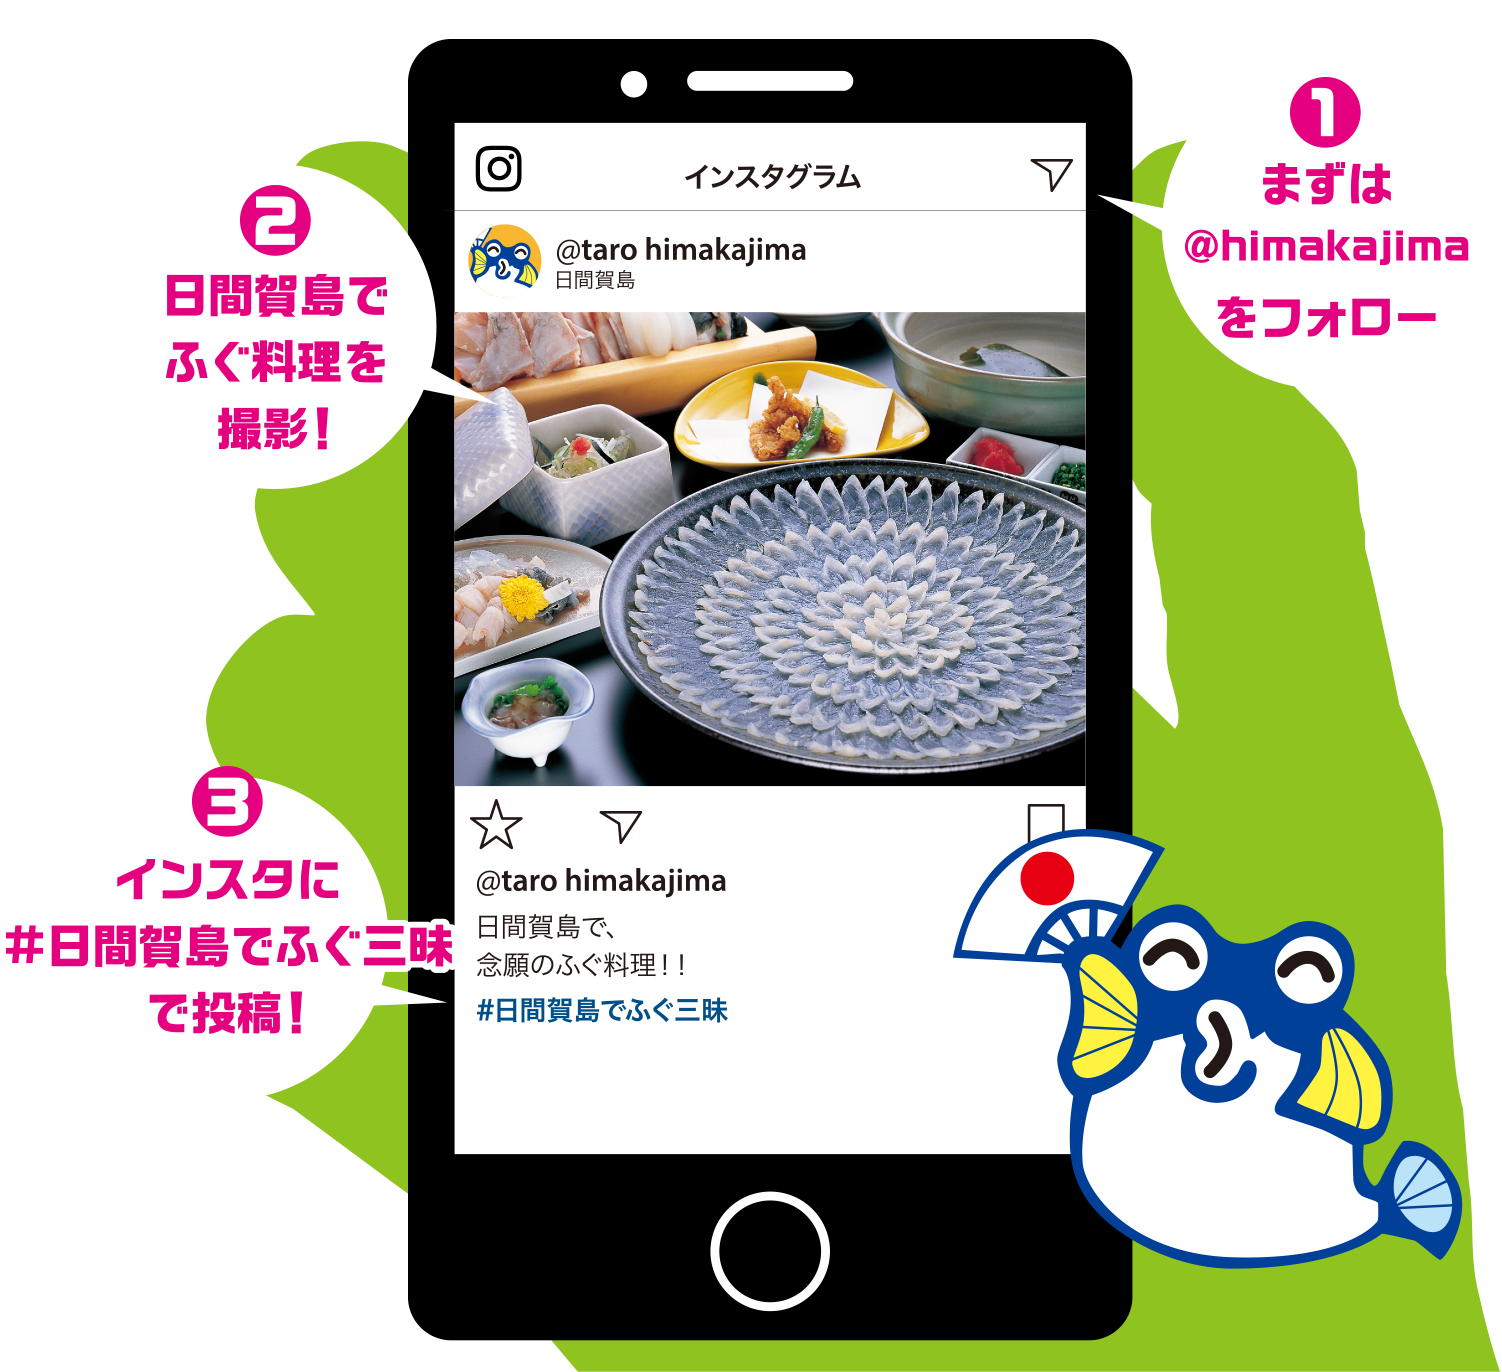 #日間賀島でふぐ三昧キャンペーン